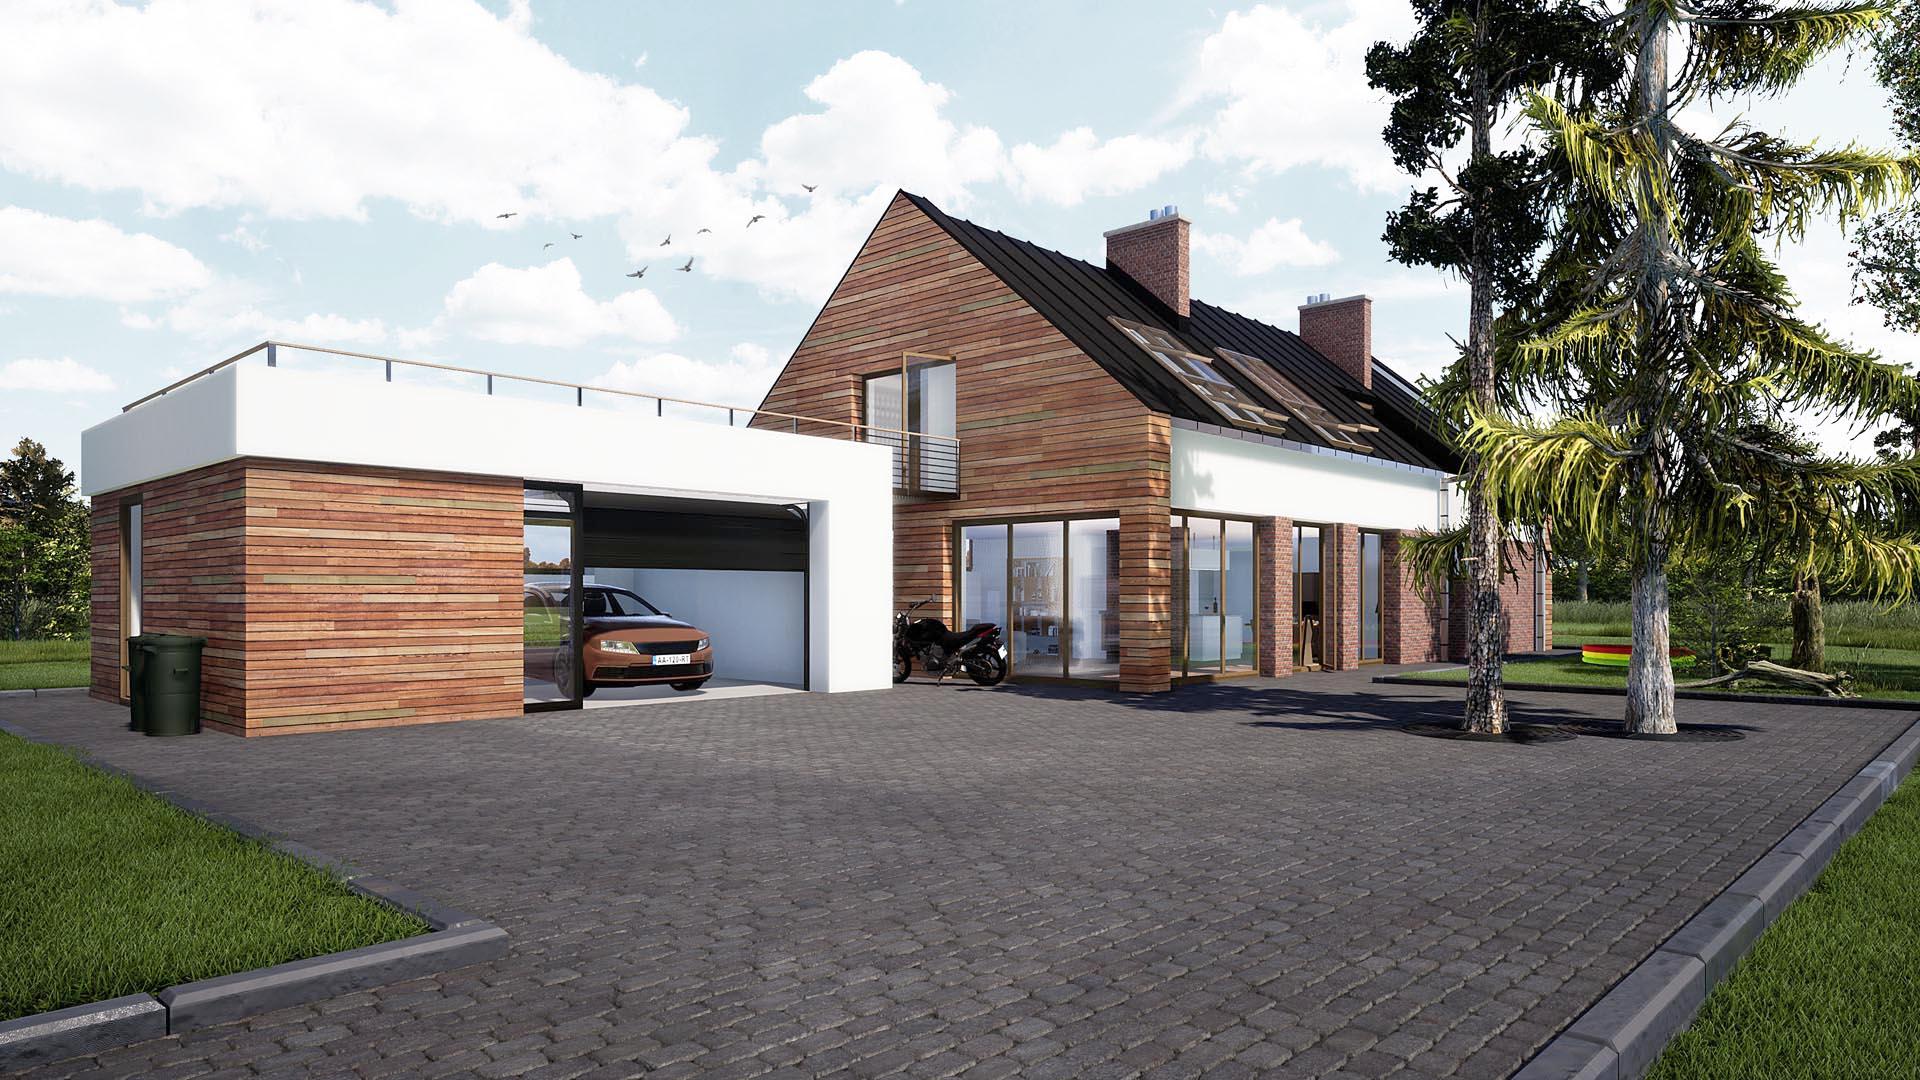 projekt typowego domu jednorodzinnego